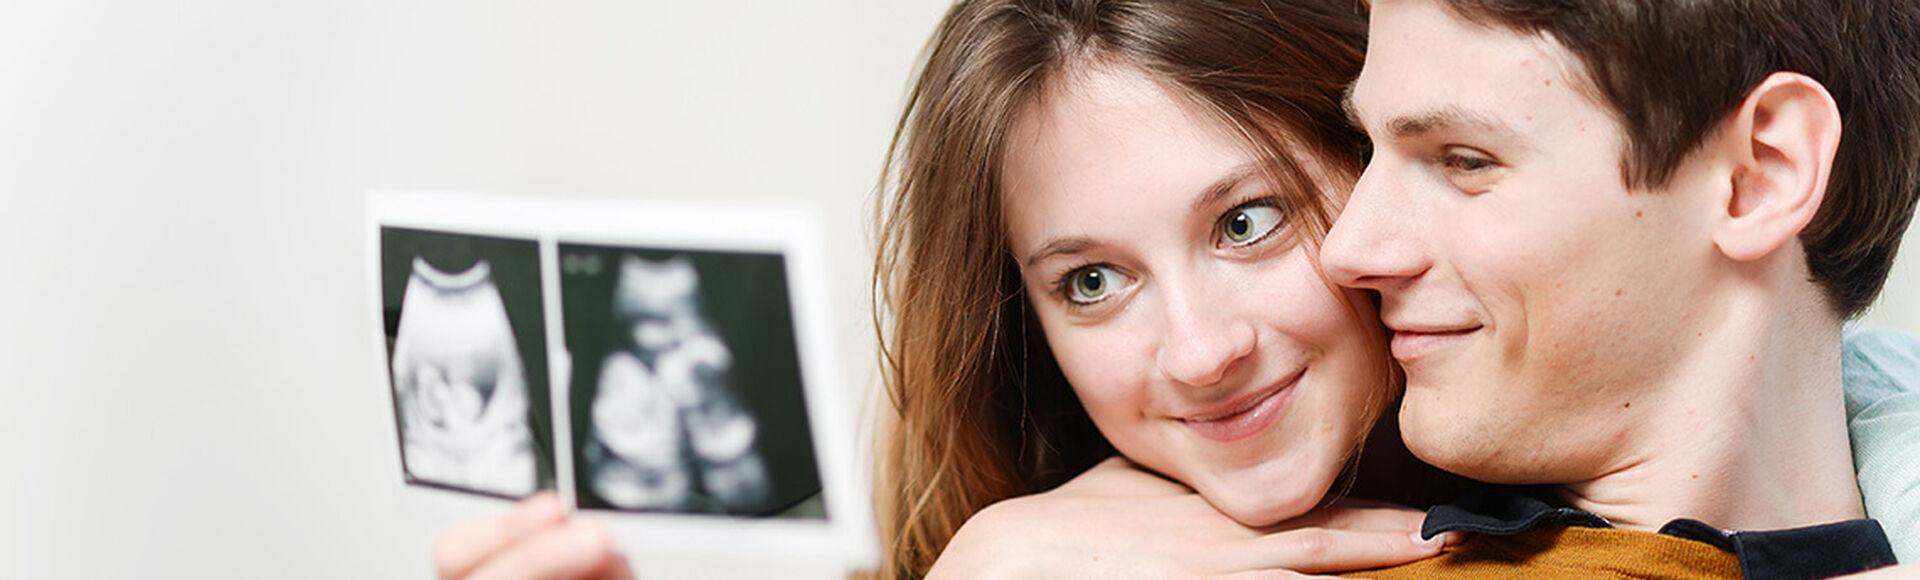 Cambios en la semana 18 de embarazo   Más Abrazos by Huggies